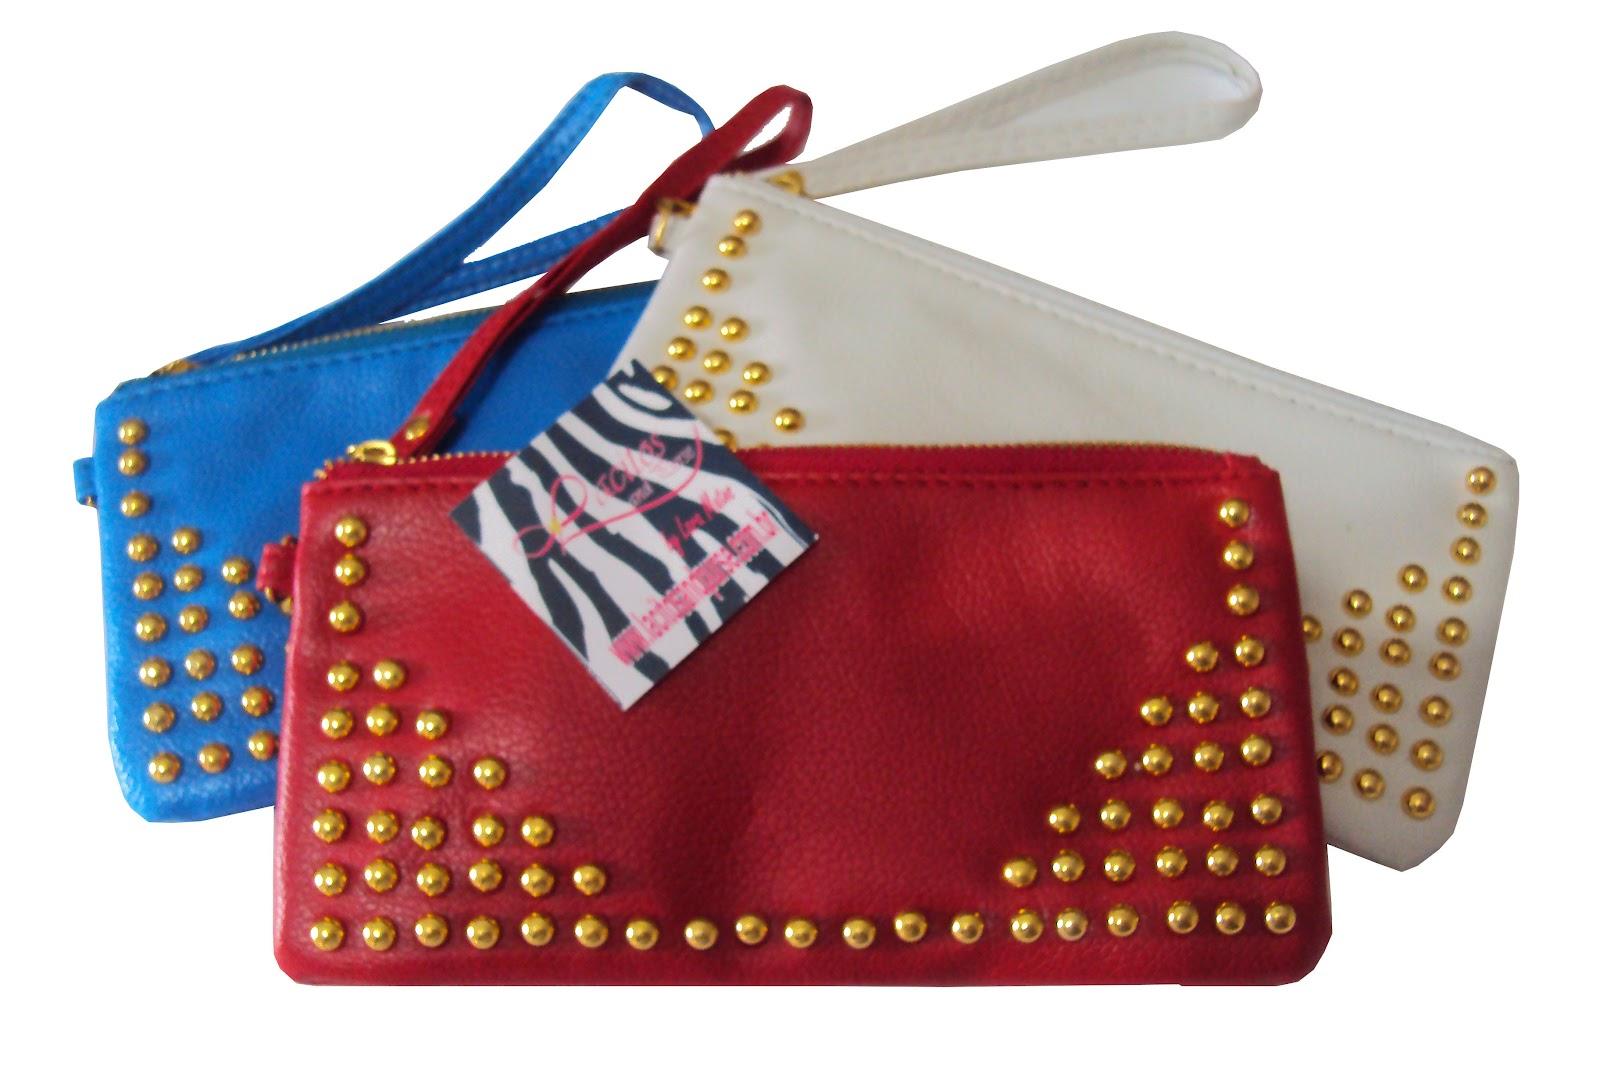 Bolsa De Mão Tipo Carteira : Lacitos store bolsa carteira de m?o com tachinhas